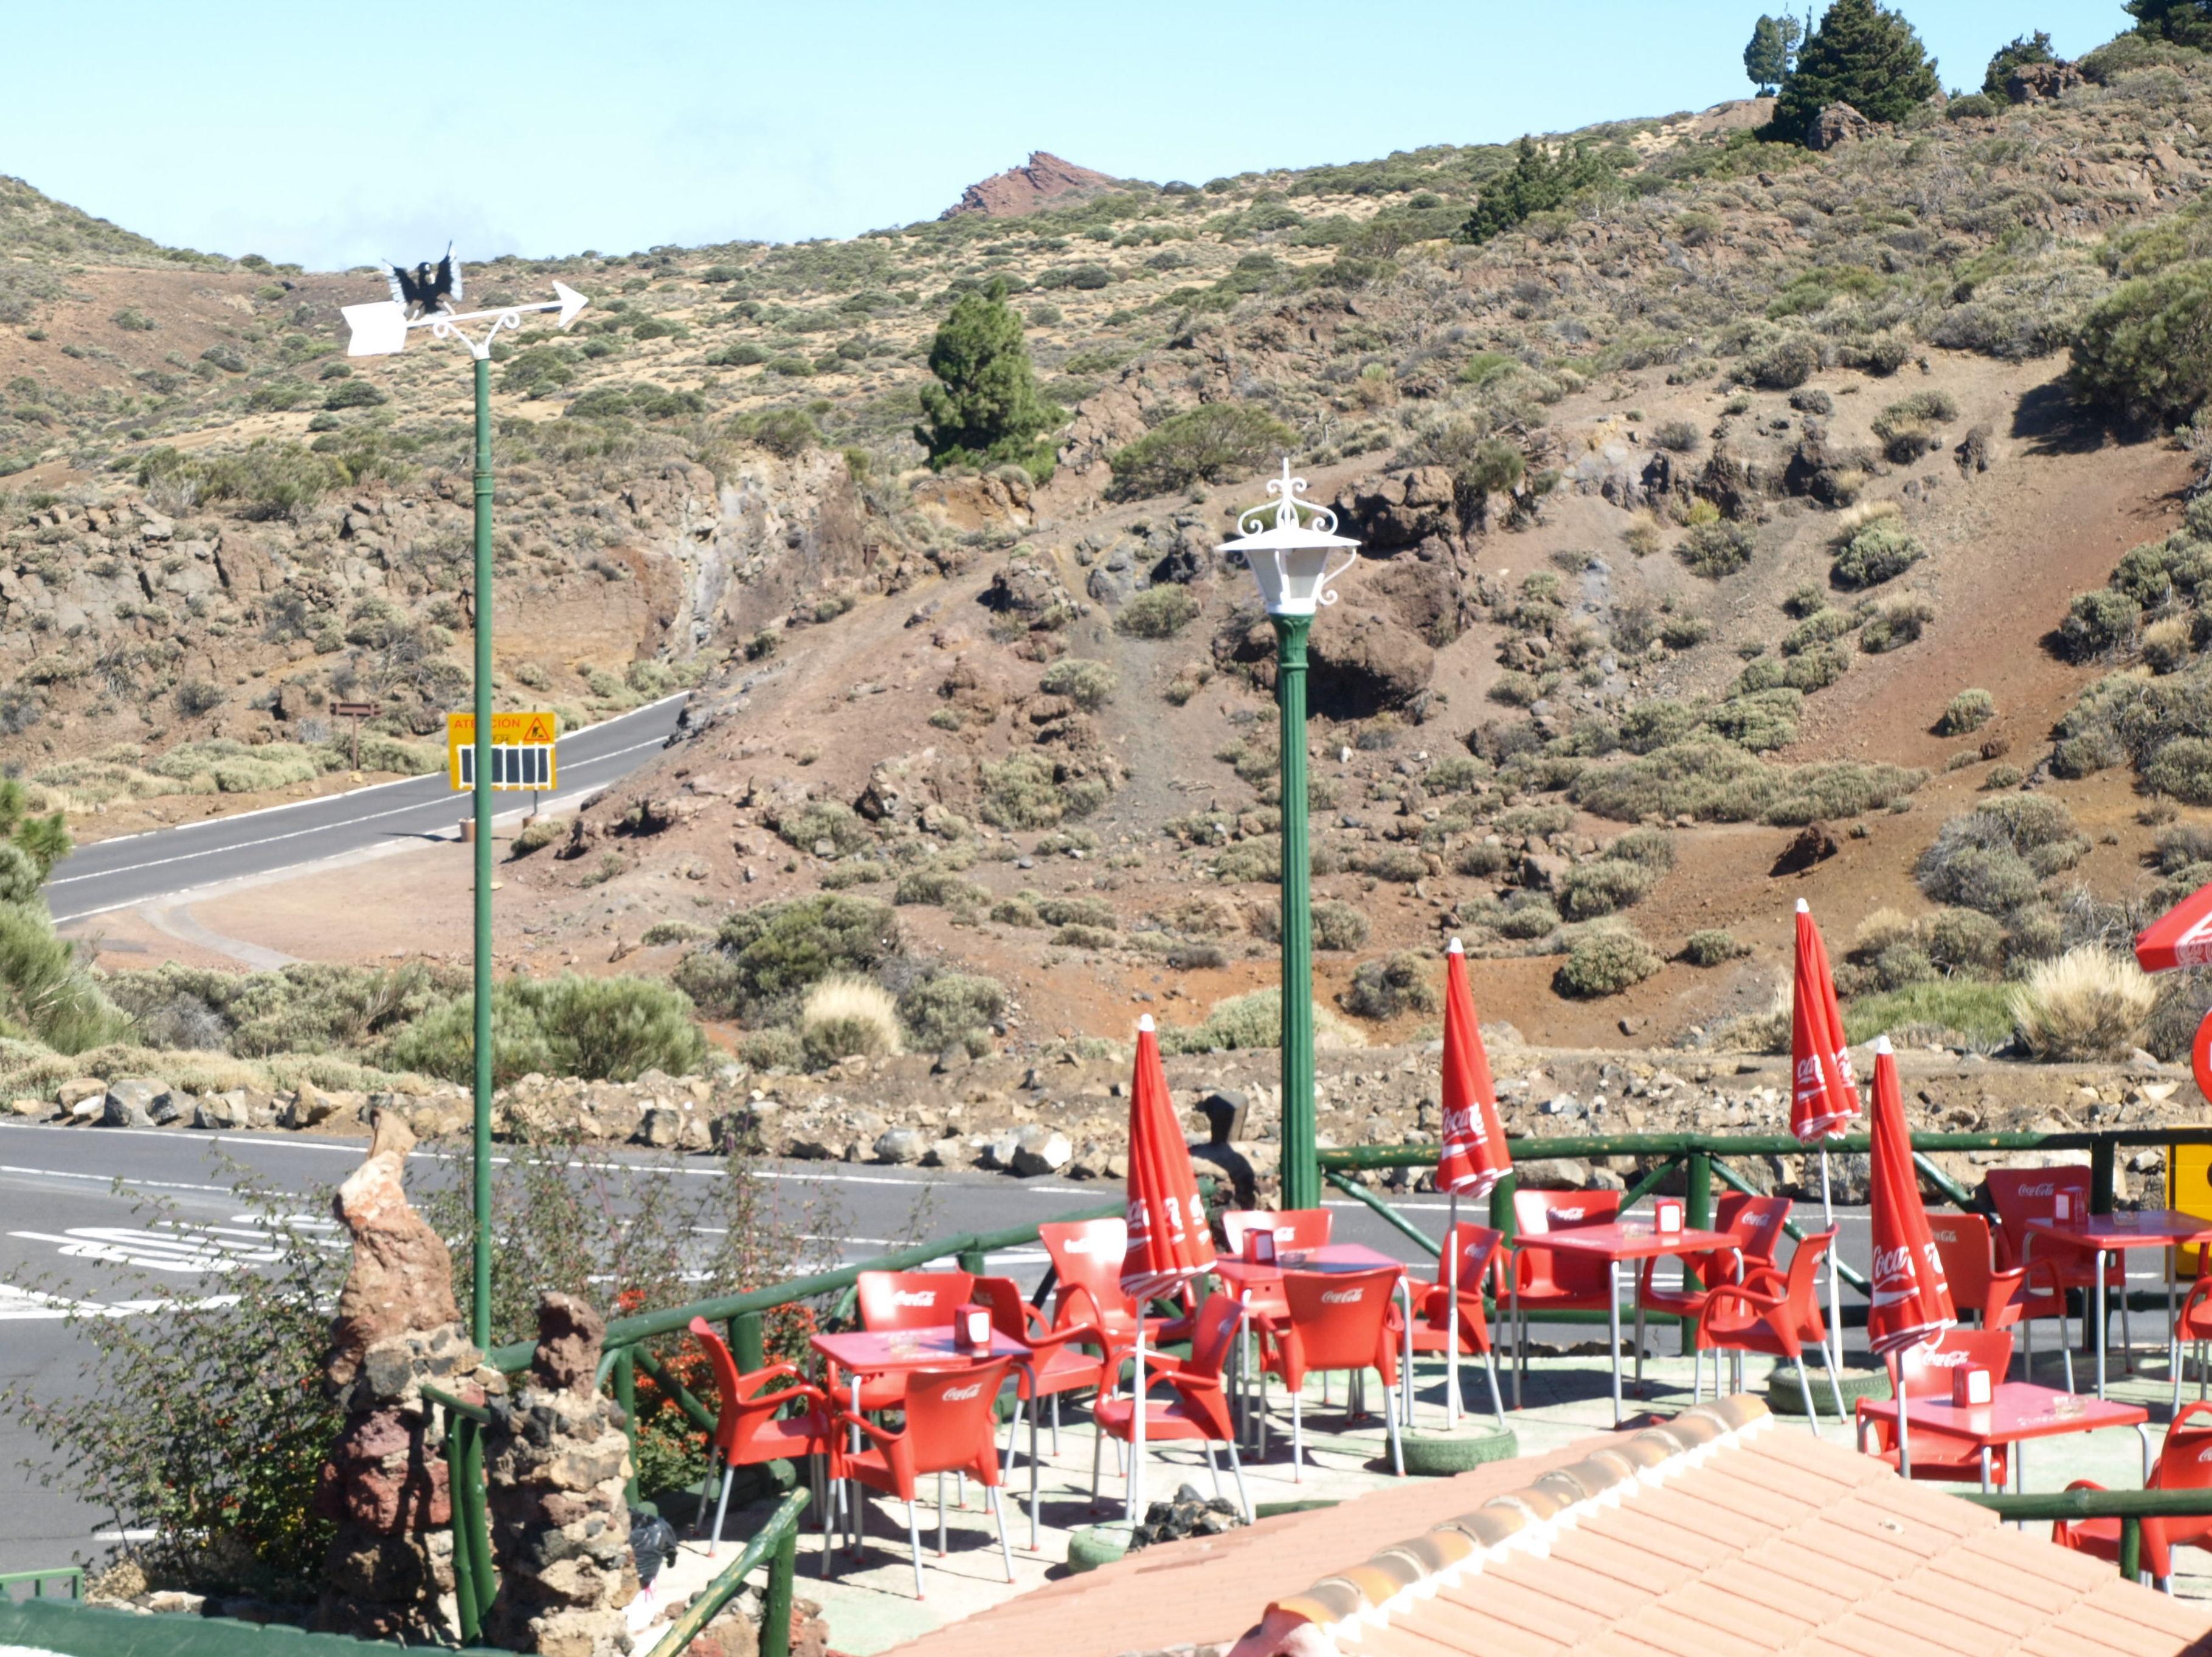 Vistas desde la terraza exterior del restaurante El Portillo